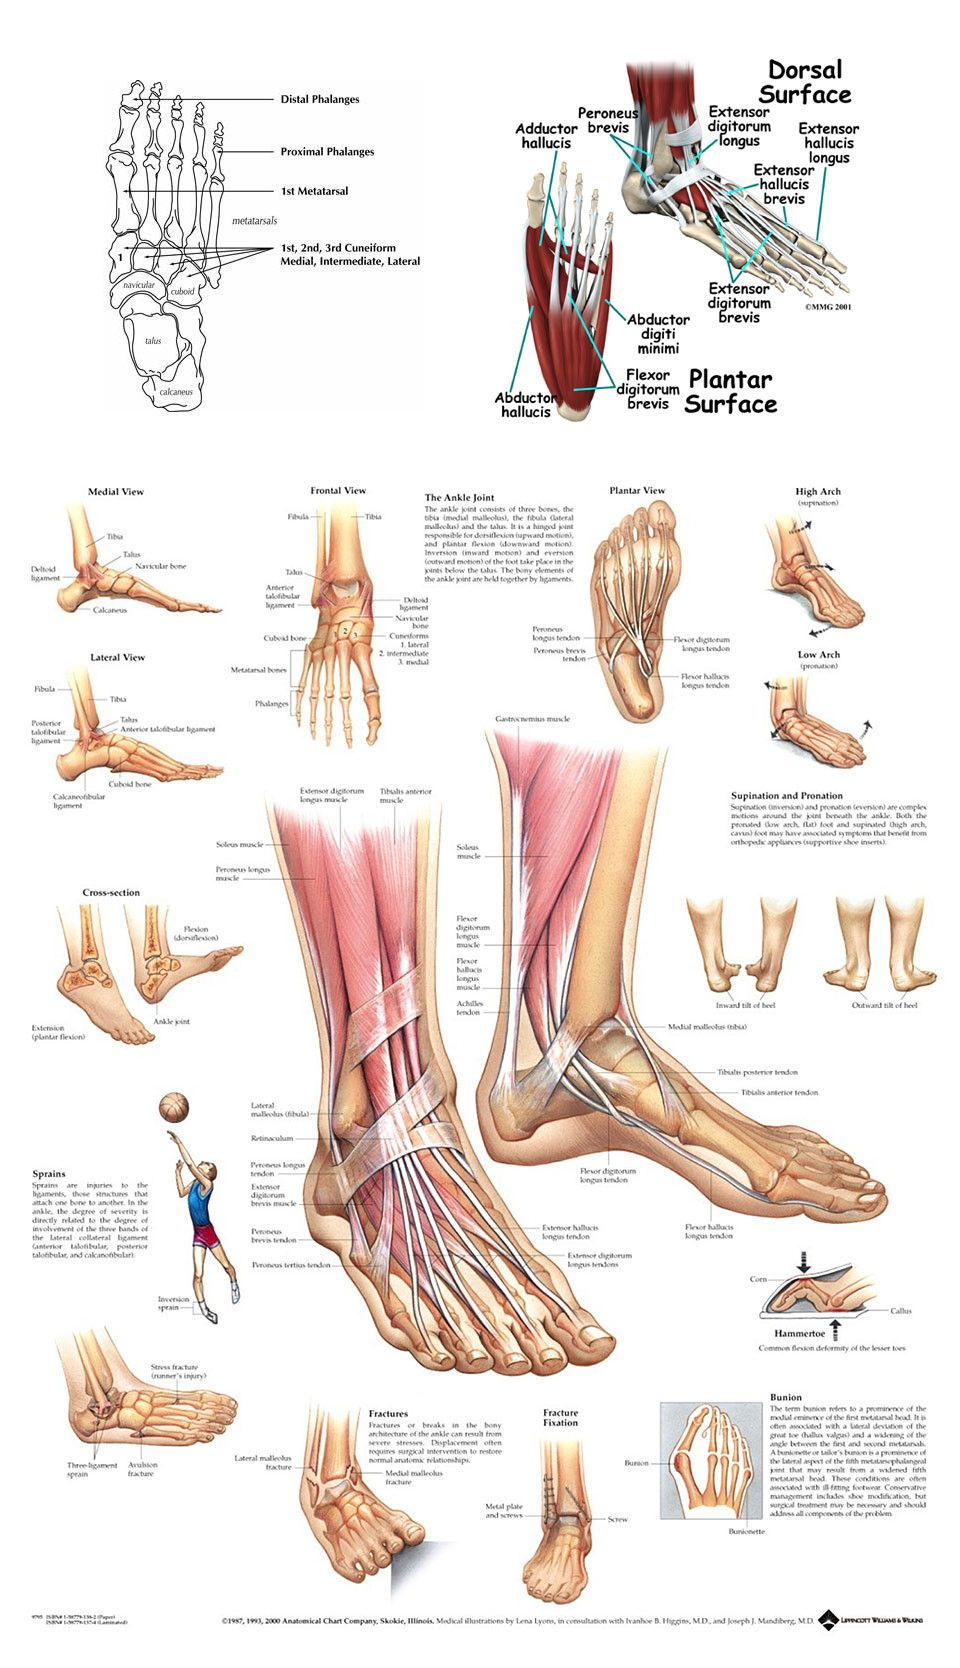 ankle bones diagram ankle bones diagram left foot tendon diagram anatomy coloring pages bones google [ 960 x 1668 Pixel ]